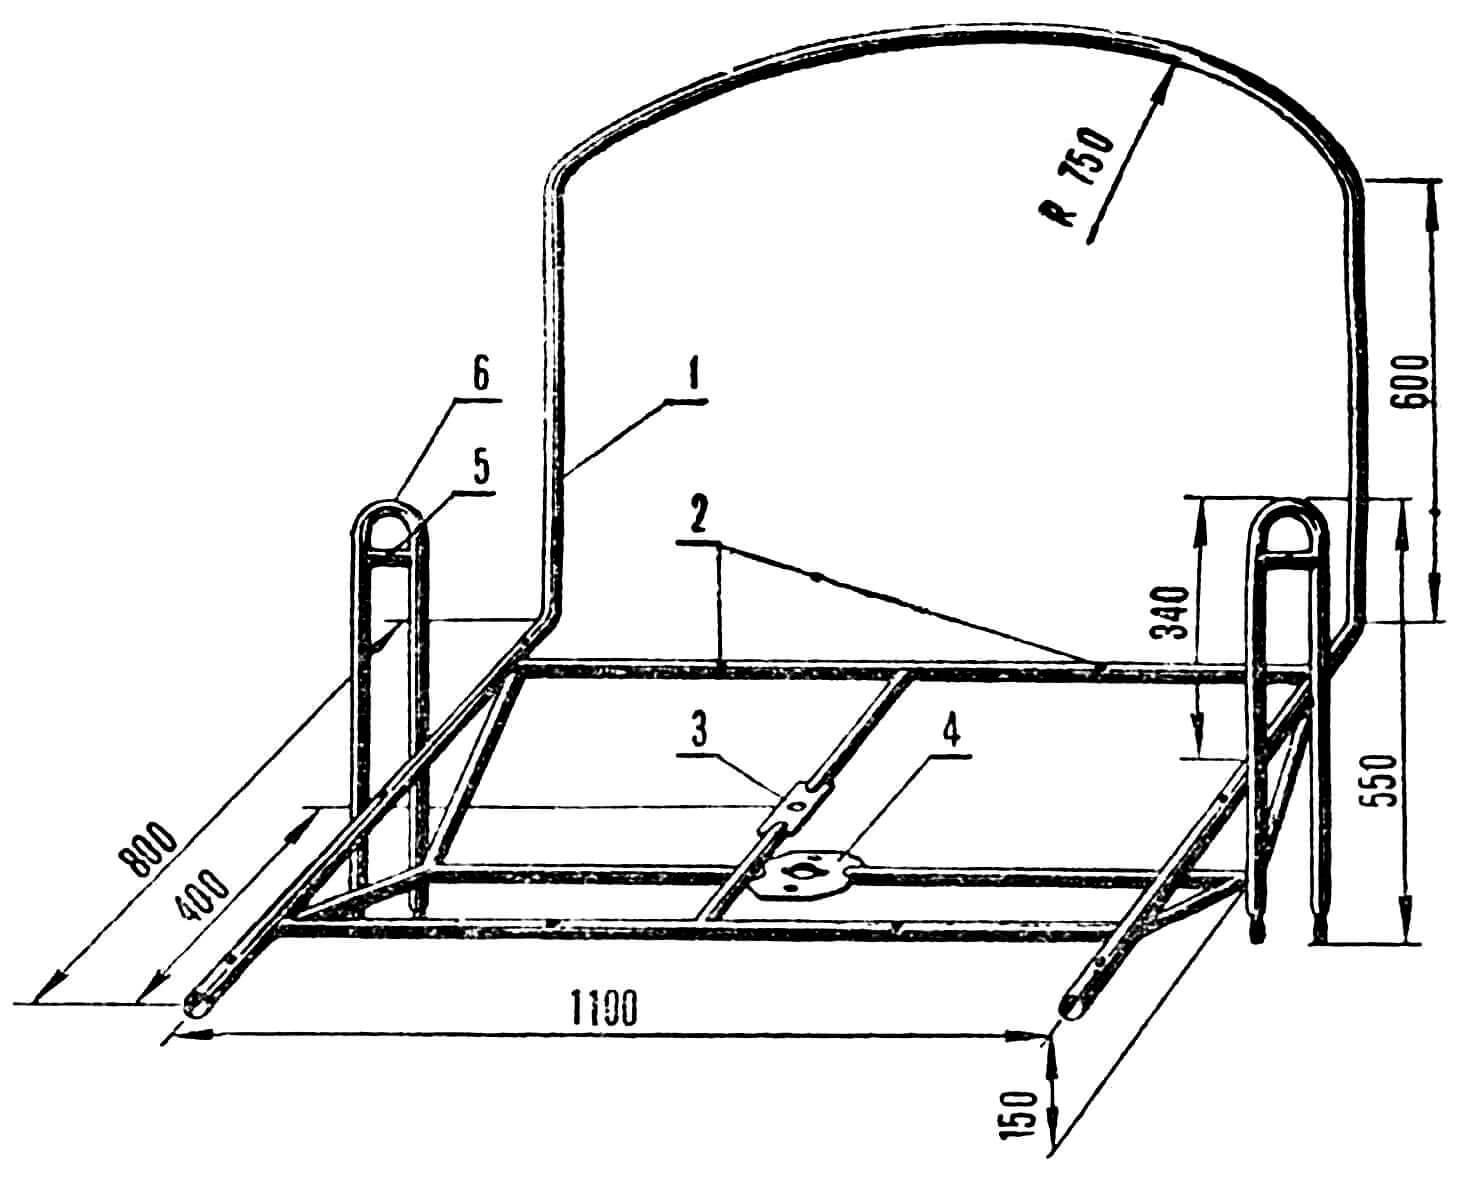 Рис. 3. Рама тележки: 1 — спинка-руль; 2 — отверстия для крепления ящика; 3 — верхняя планка; 4 — нижняя планка; 5 — кронштейн тормозов; 6 — боковая вилка.